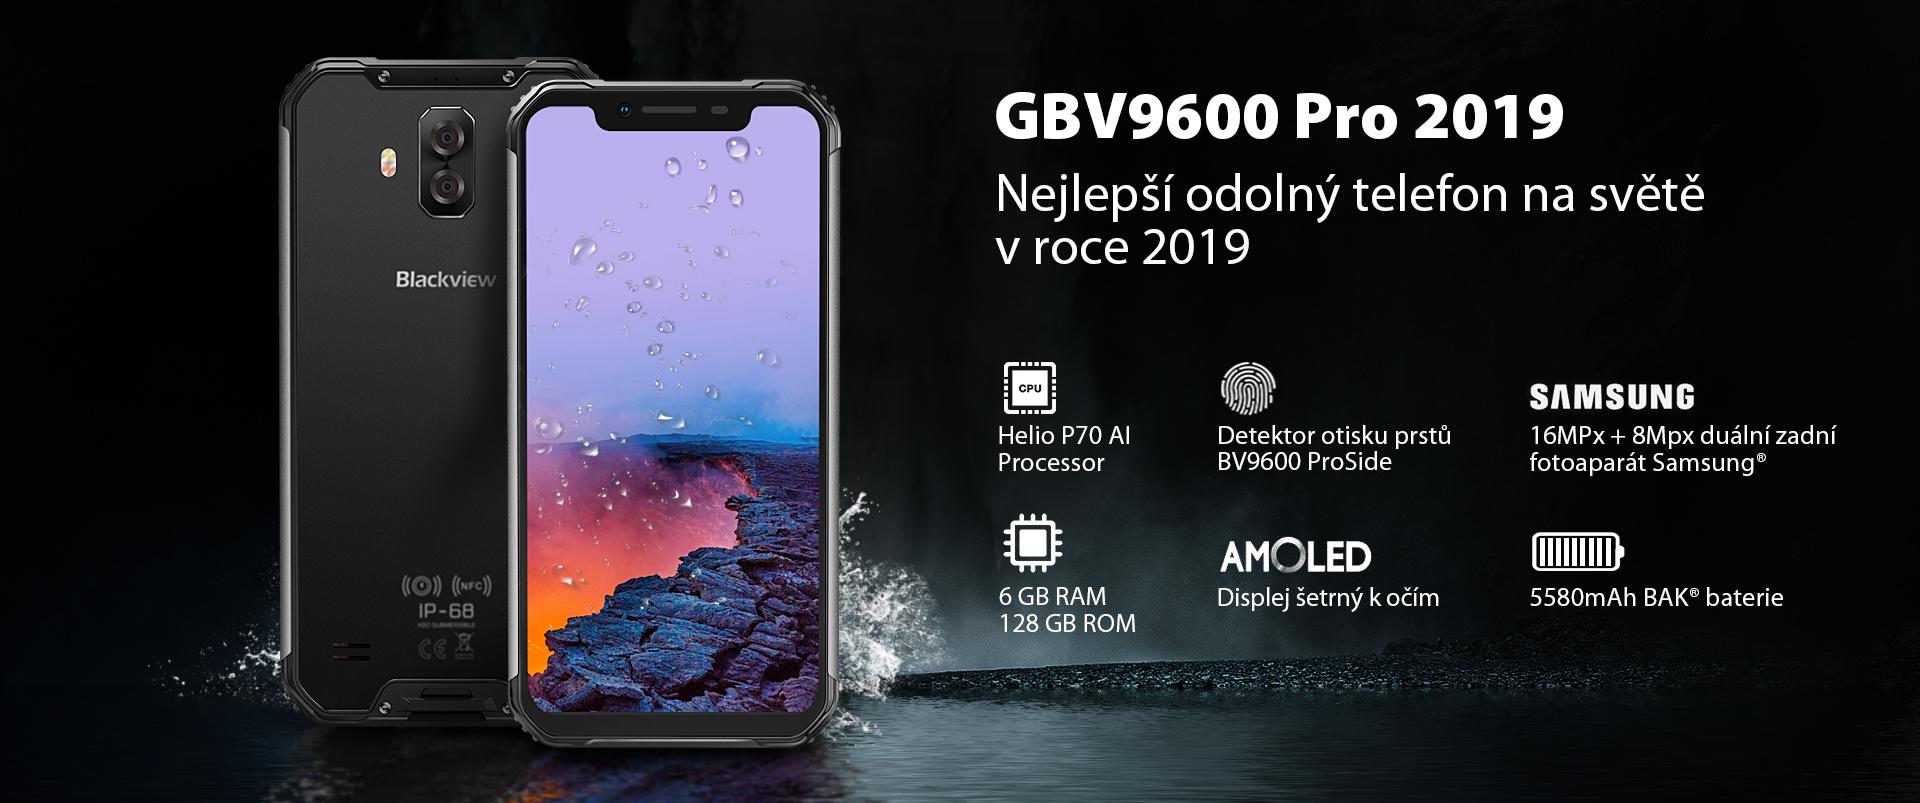 GBV9600 Pro 2019